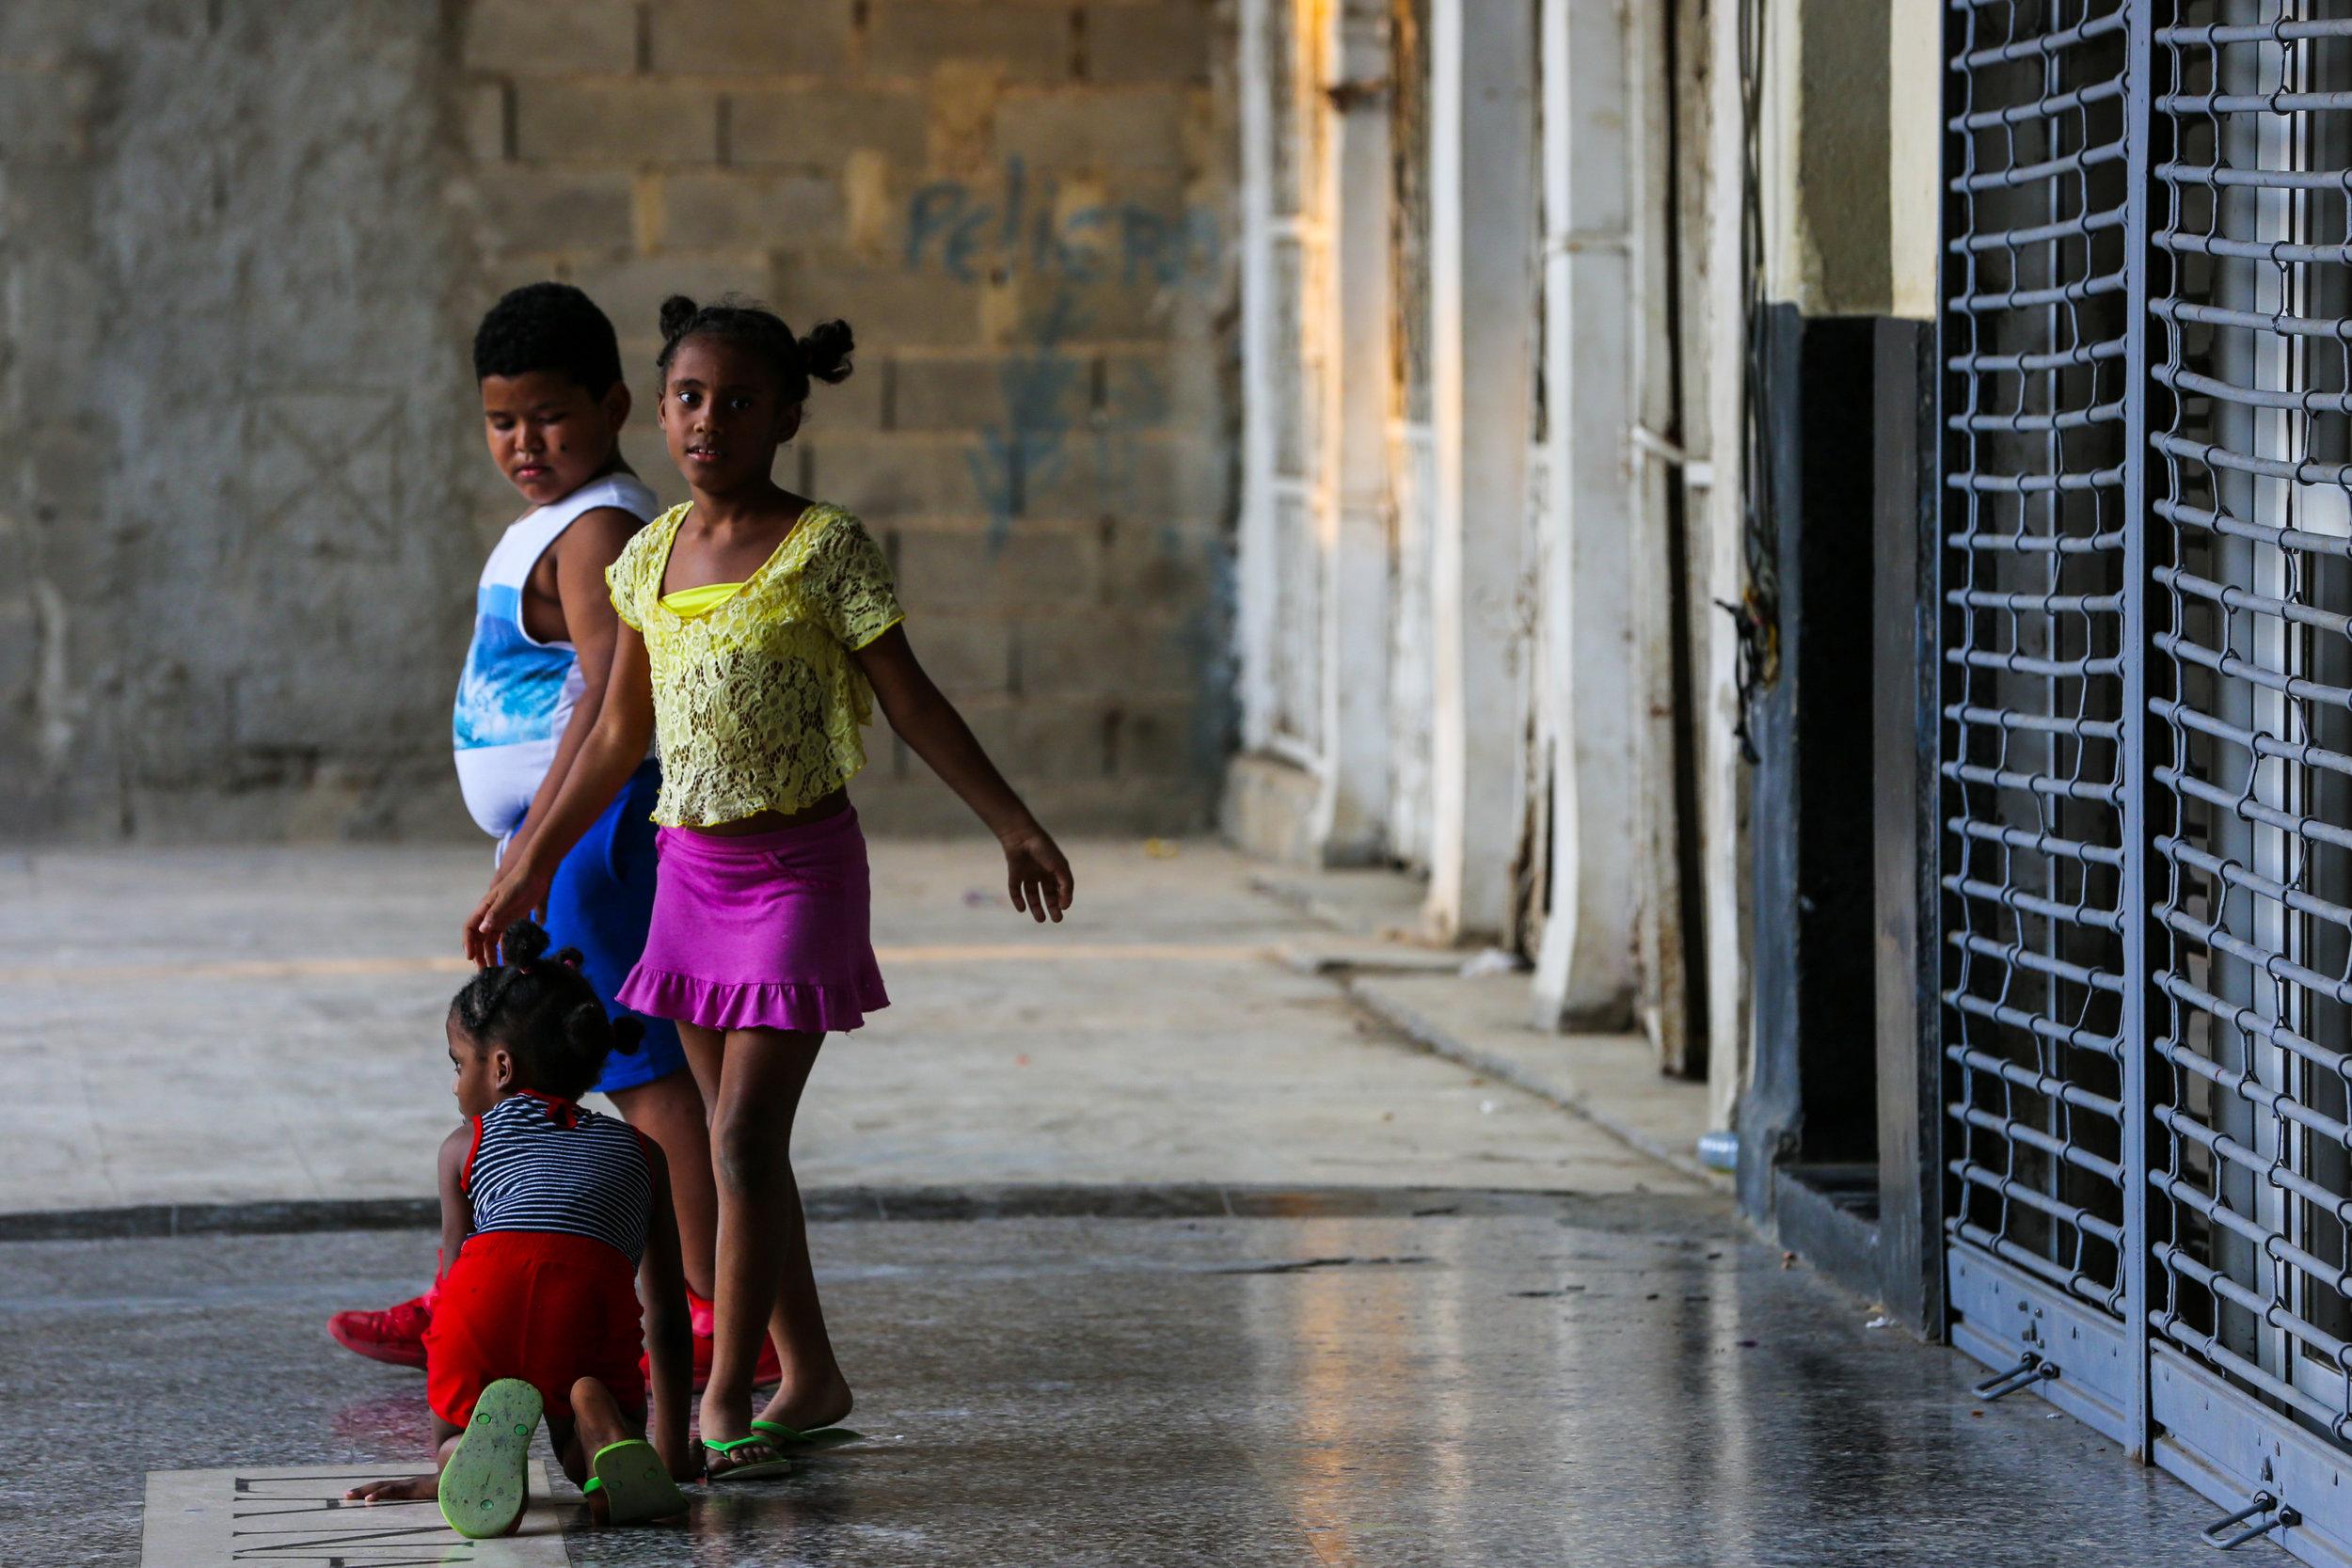 Kids  play in an arcade. March 4, 2019, in Old Havana, Cuba.